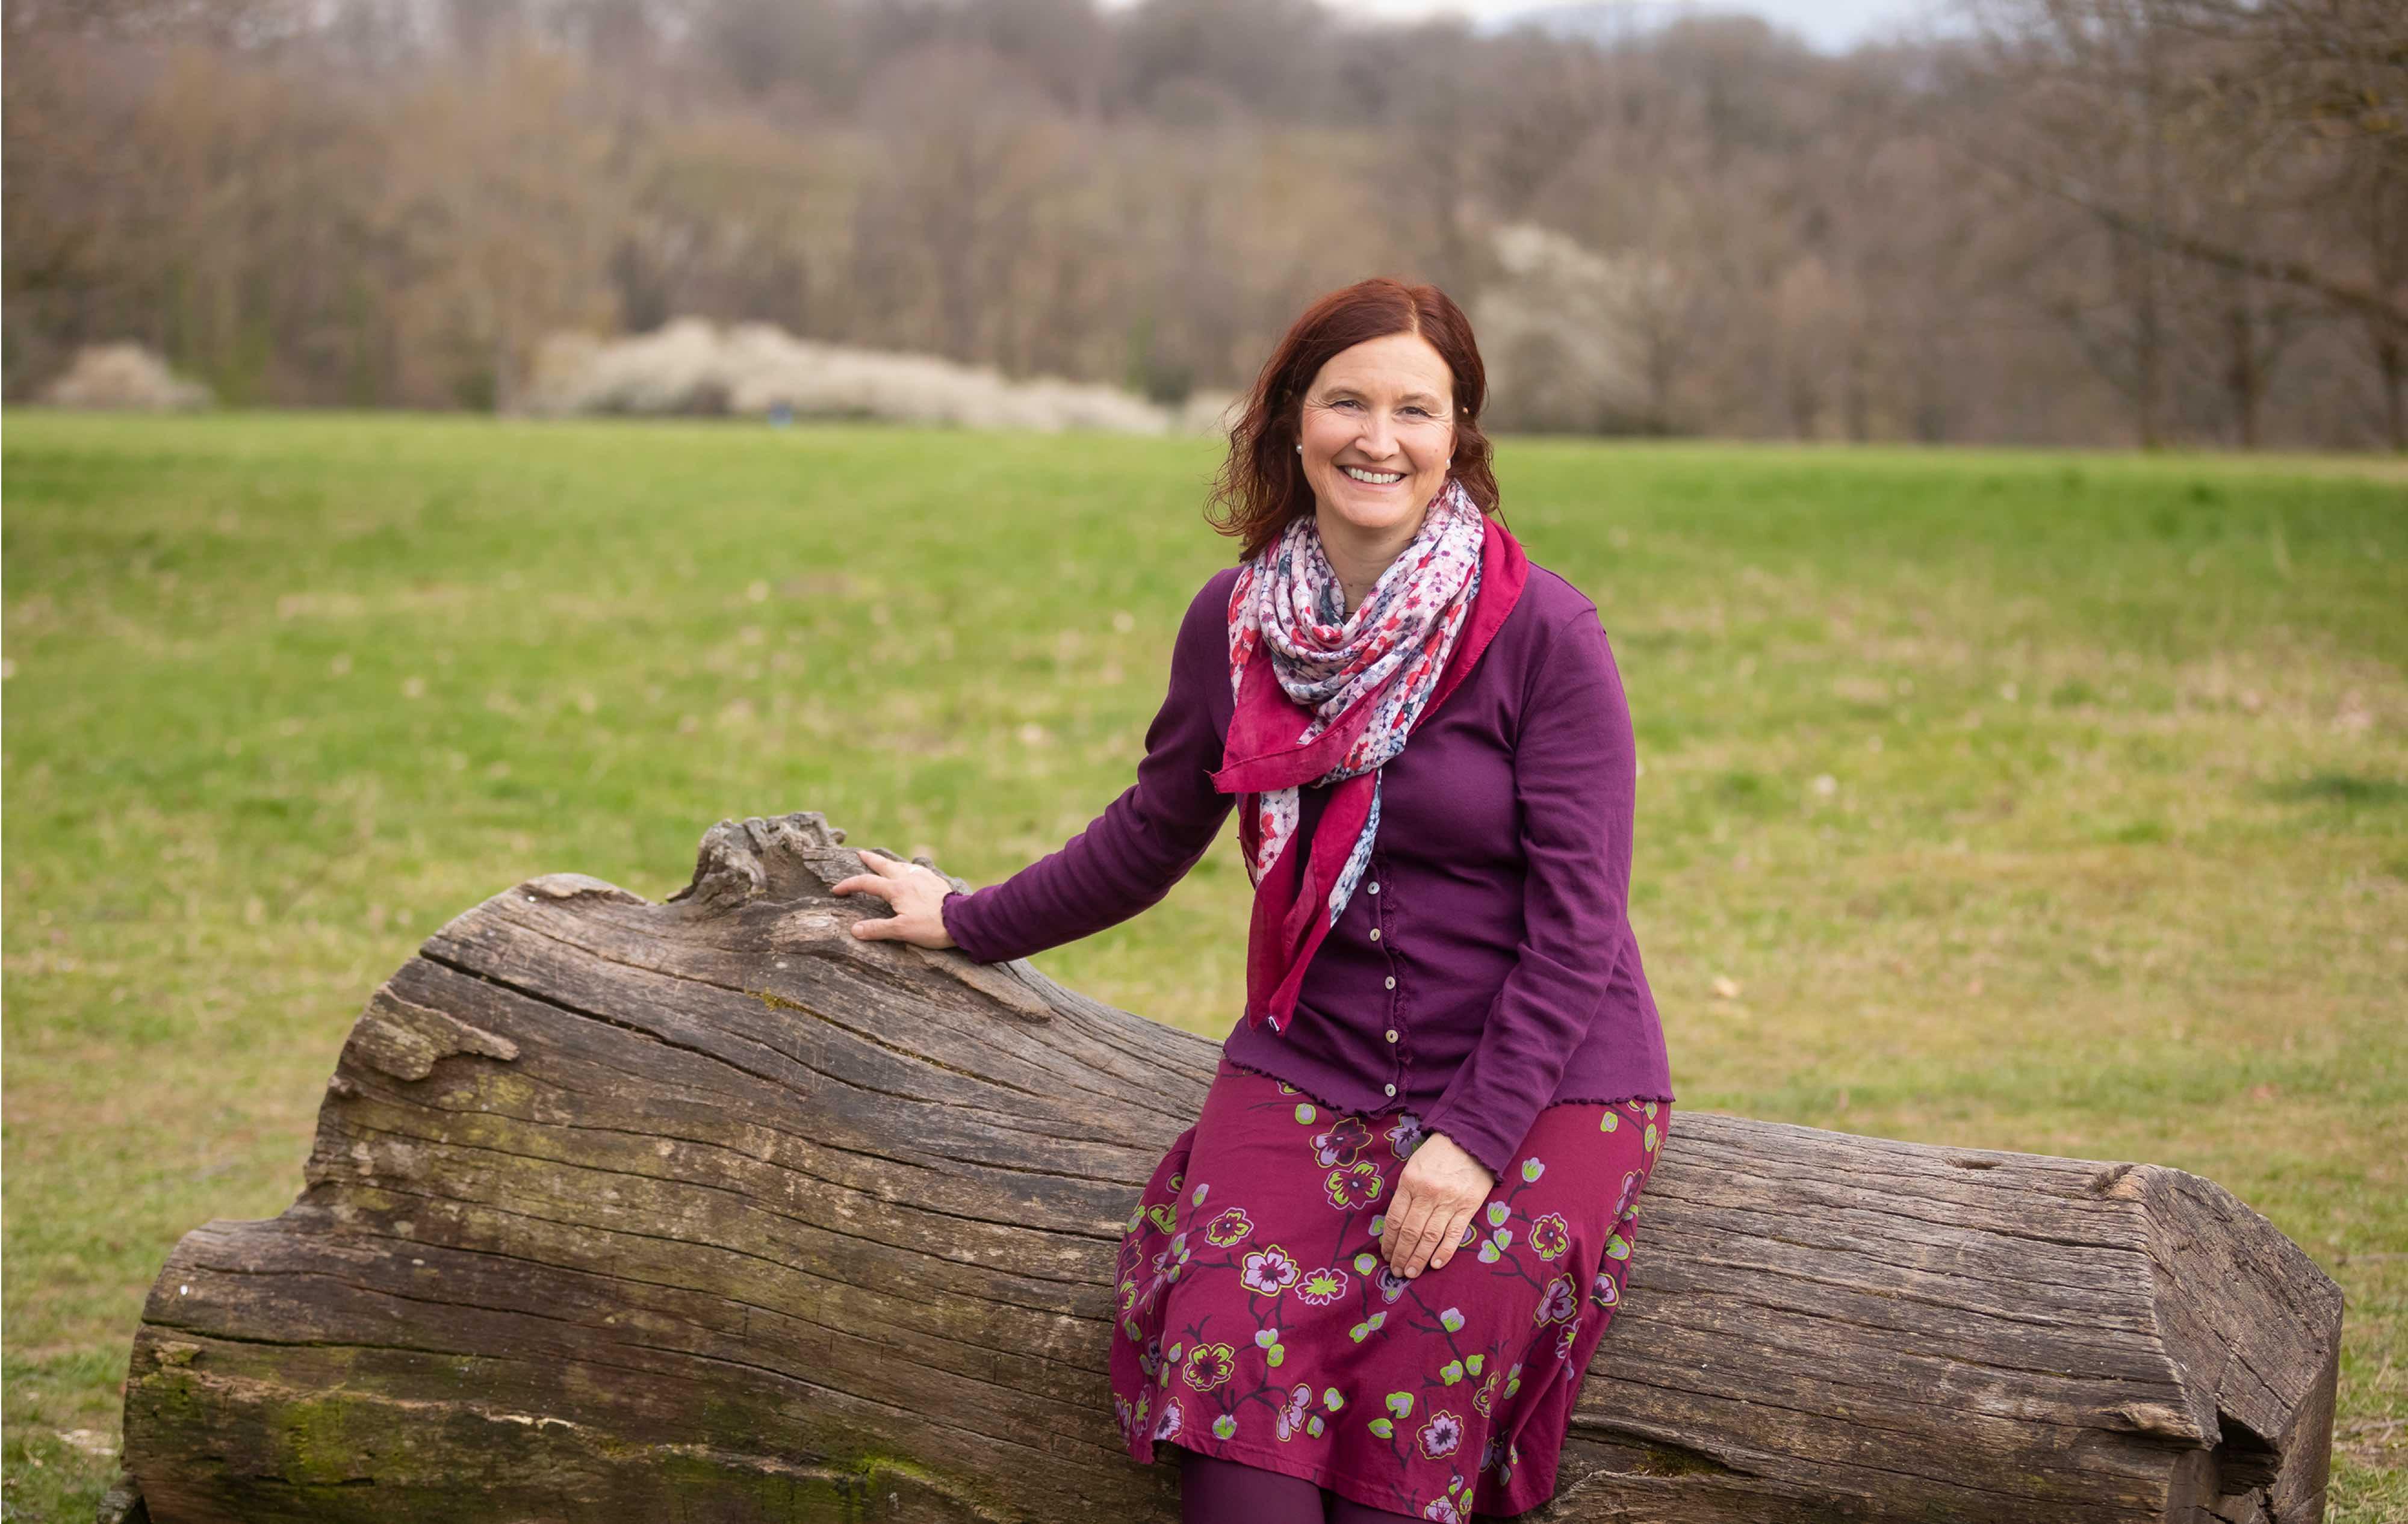 Christine sitzt auf einem Baumstamm